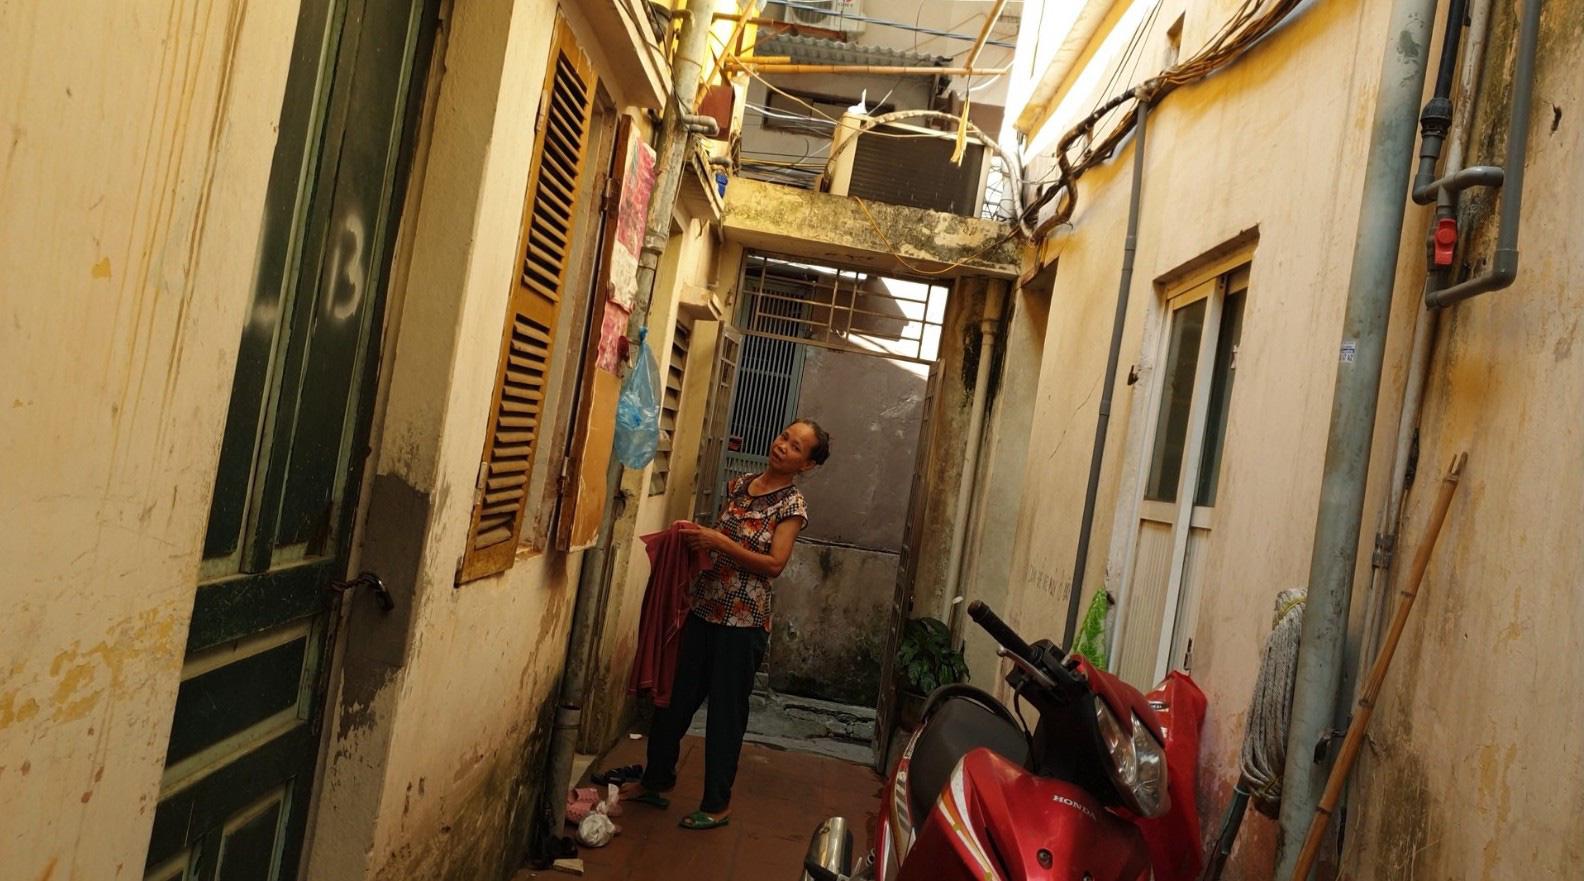 Cận cảnh nhà trọ chỉ vài mét vuông nóng hầm hập giữa Thủ đô, người thuê ám ảnh đến cả giấc ngủ - Ảnh 5.